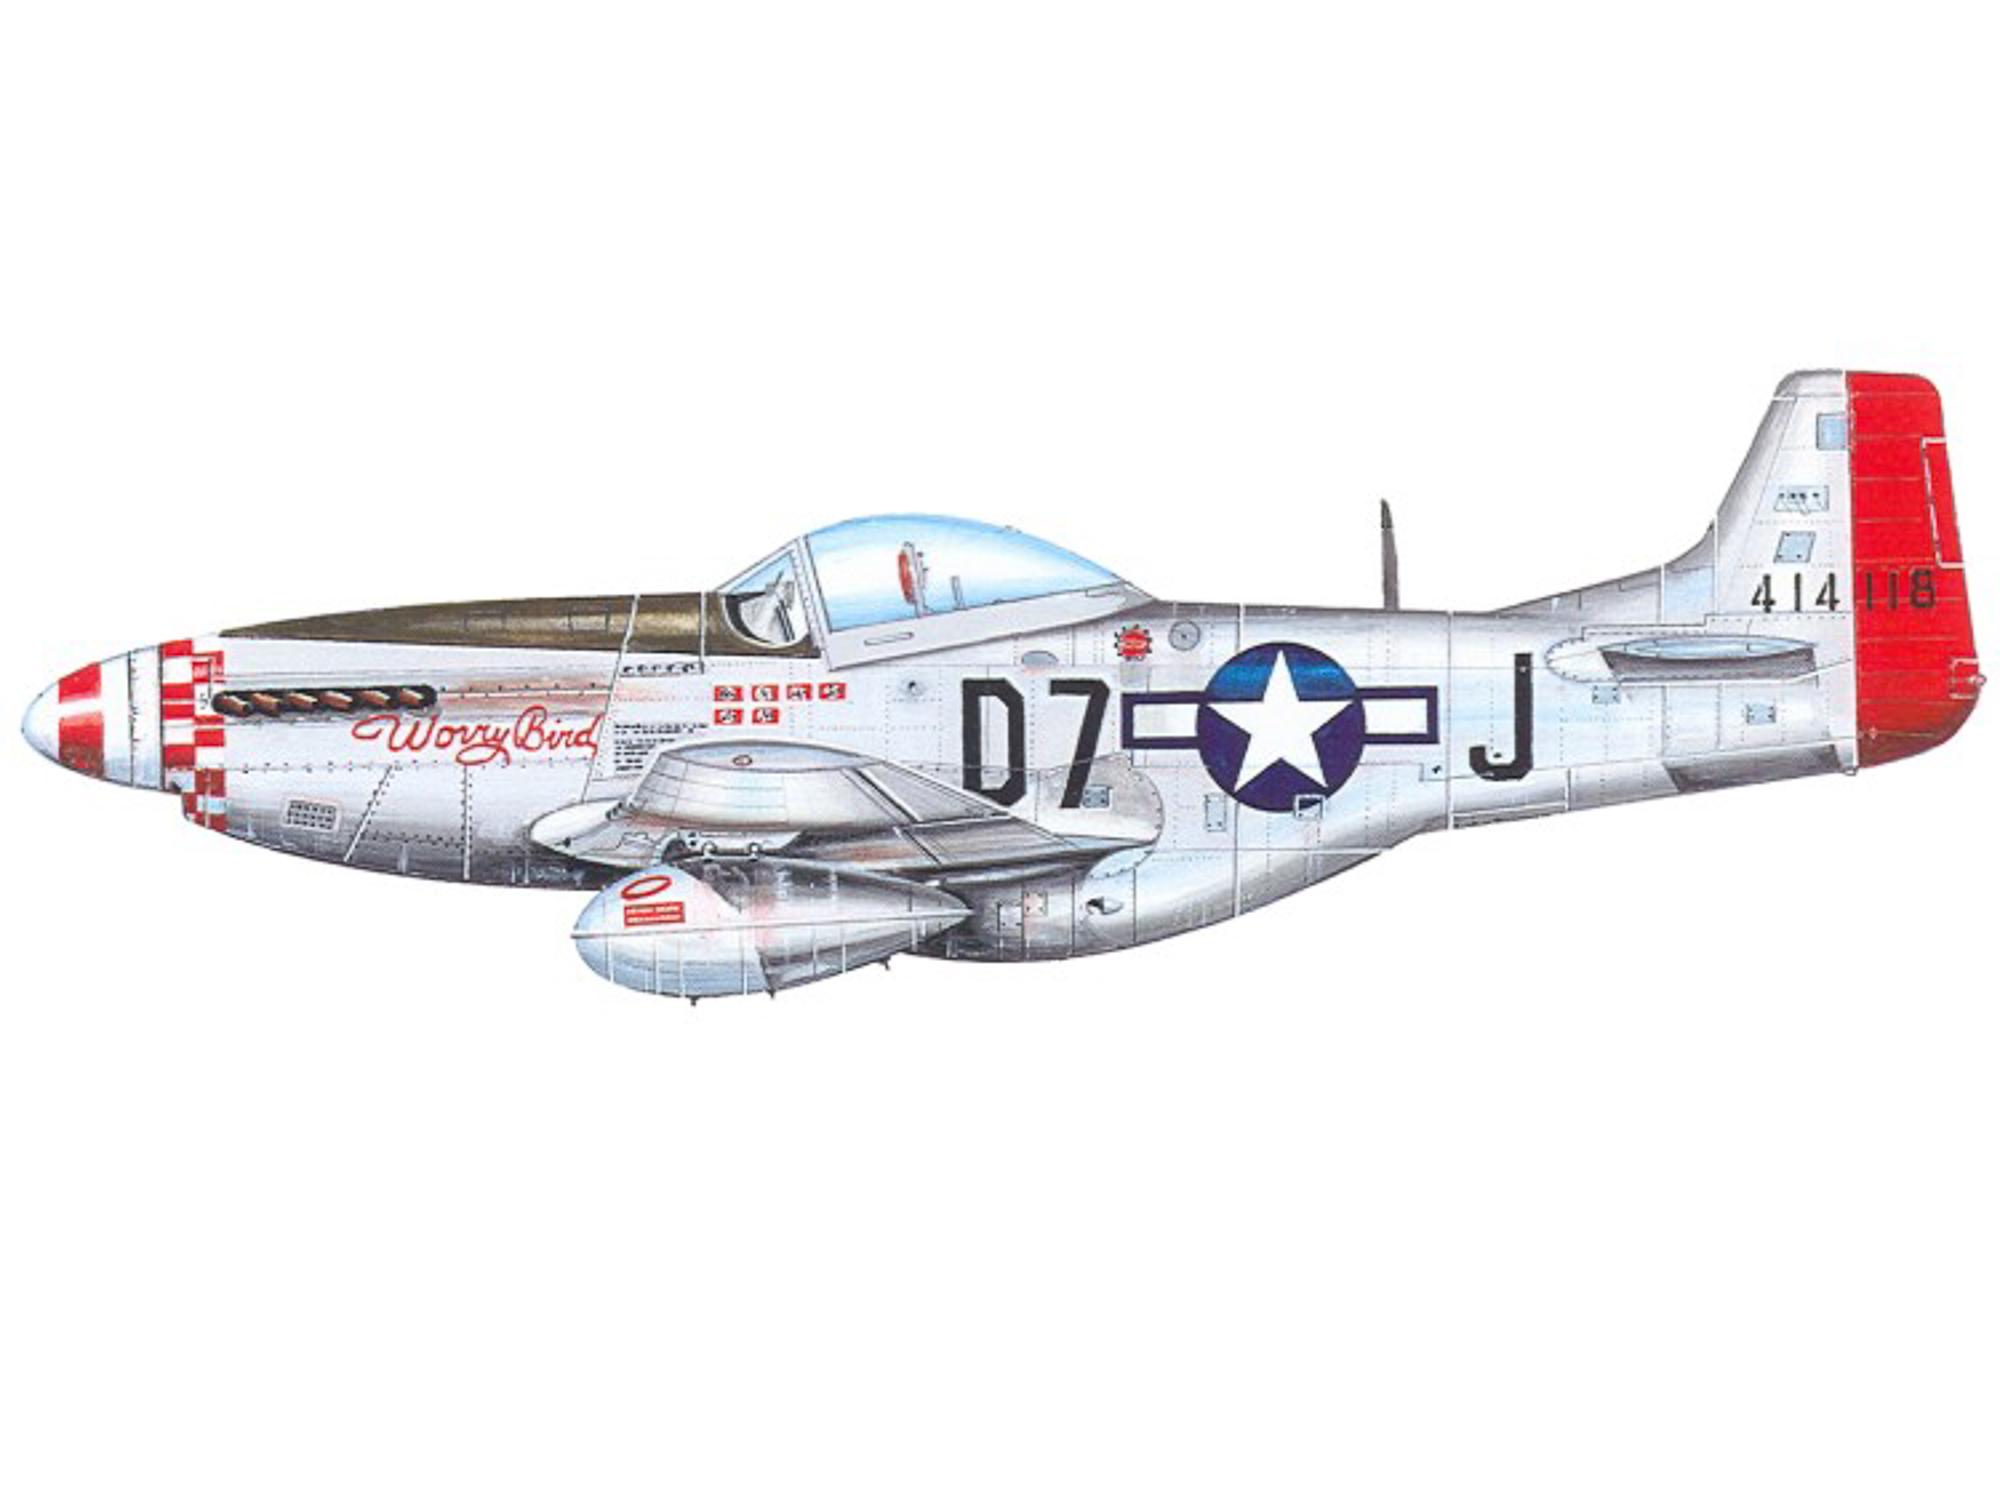 P-51D – Worry Bird – 44-14118